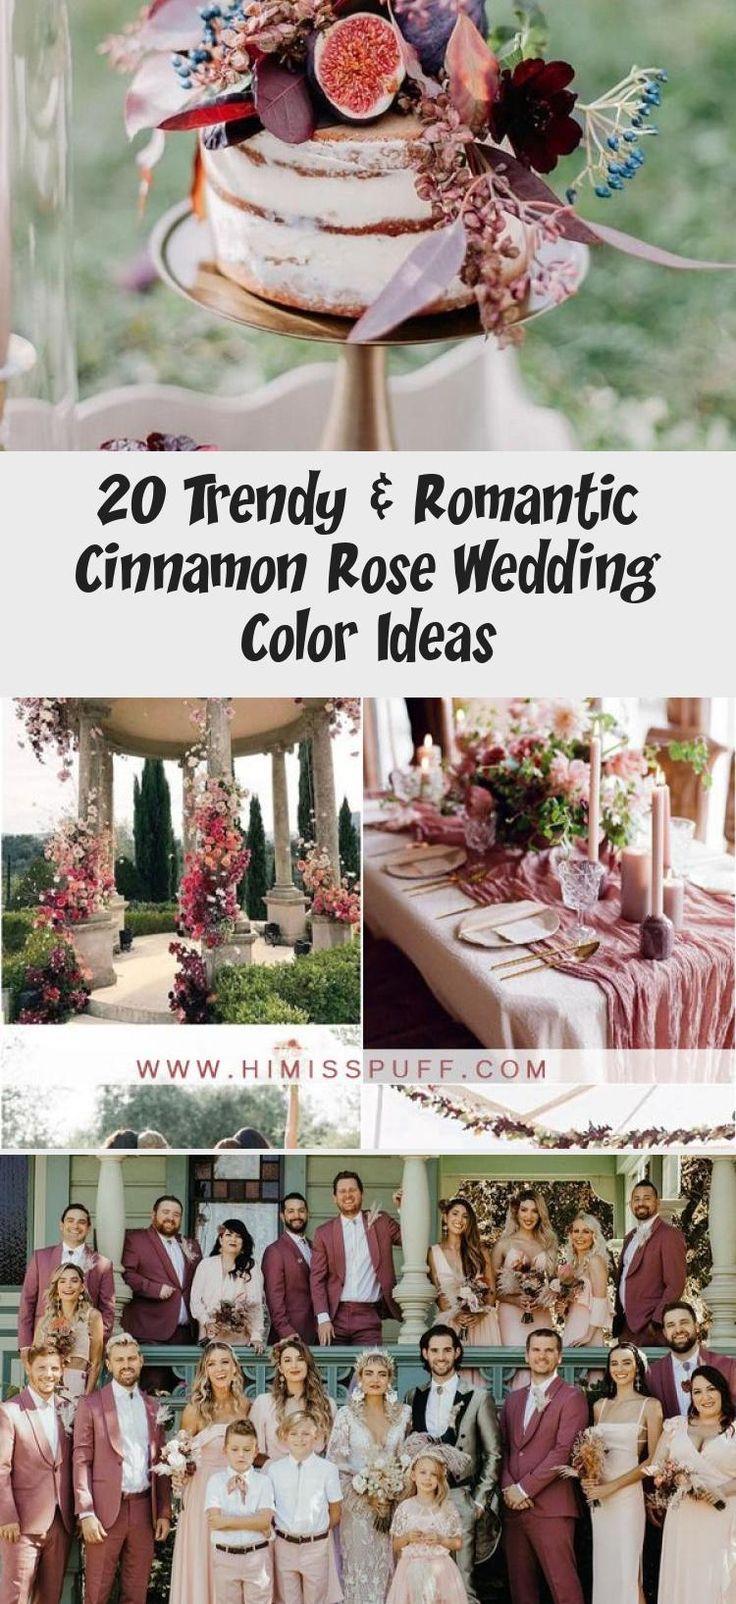 cinnamon rose dusty rose bridesmaid dresses #wedding #weddings #weddingideas #weddingcolors #weddinginspiration #himisspuff #PlumBridesmaidDresses #AfricanBridesmaidDresses #BridesmaidDressesTurquoise #BridesmaidDressesMuslim #OffTheShoulderBridesmaidDresses